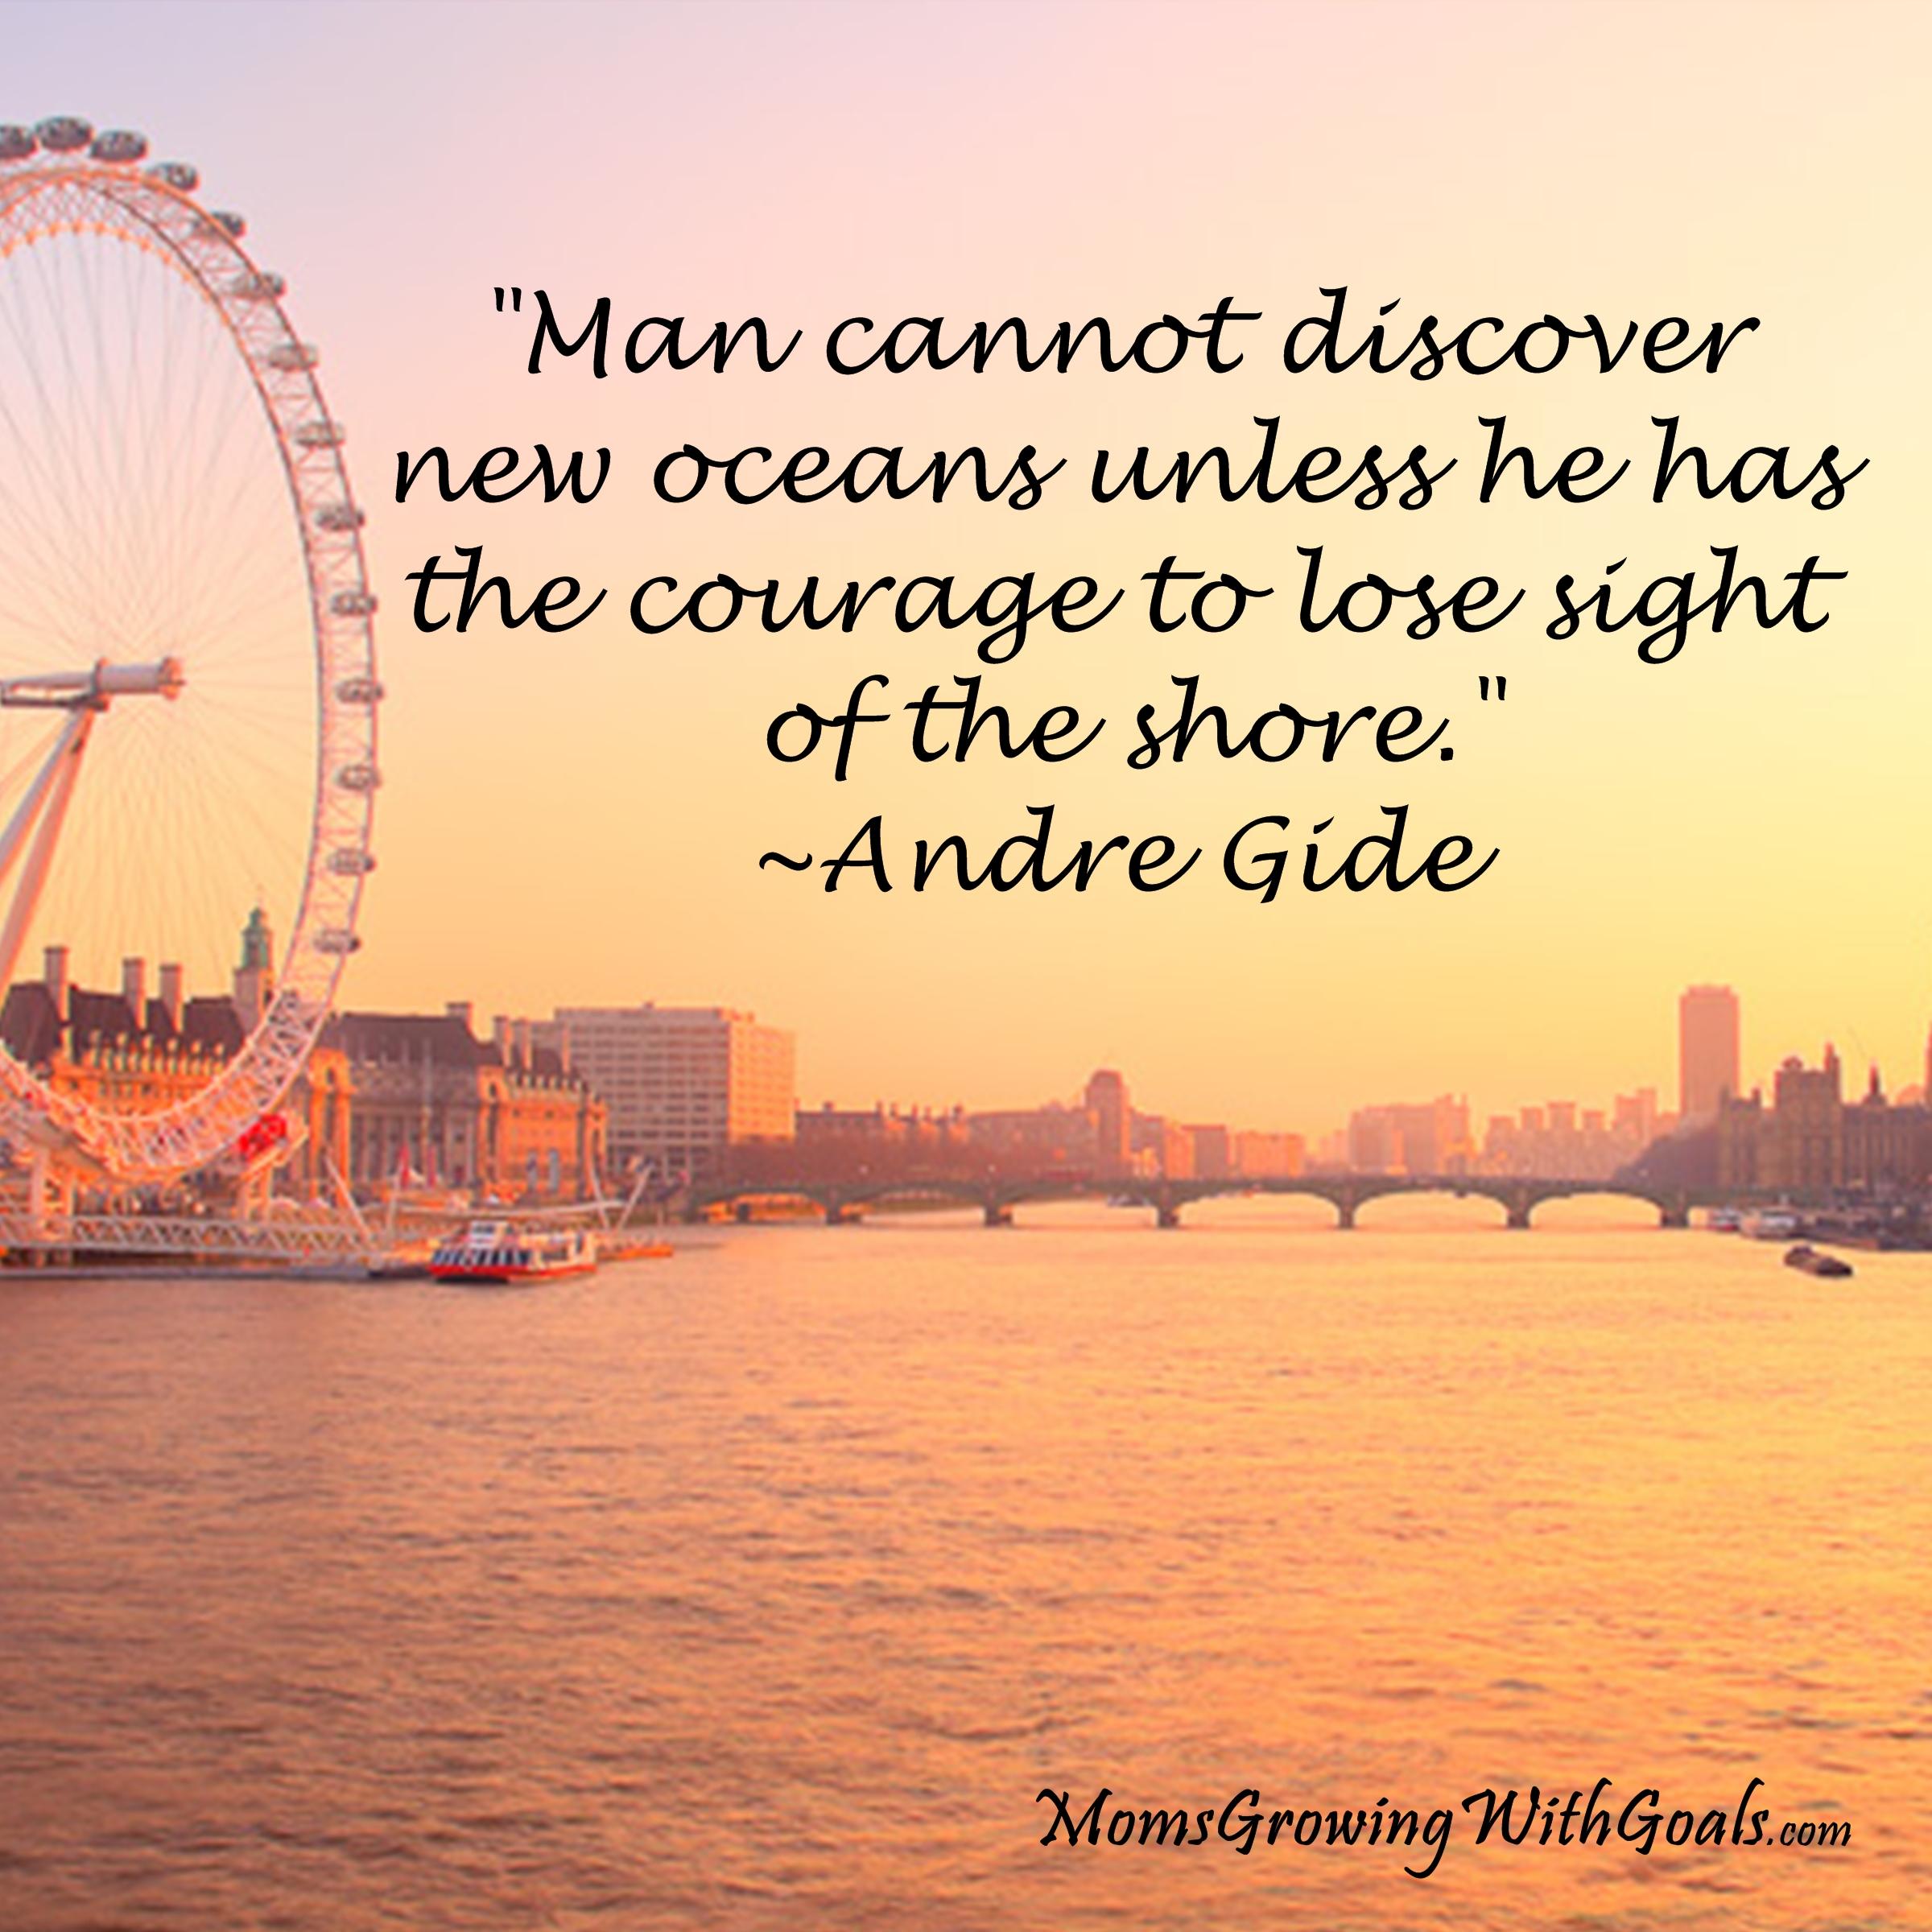 Inspiring quote #3